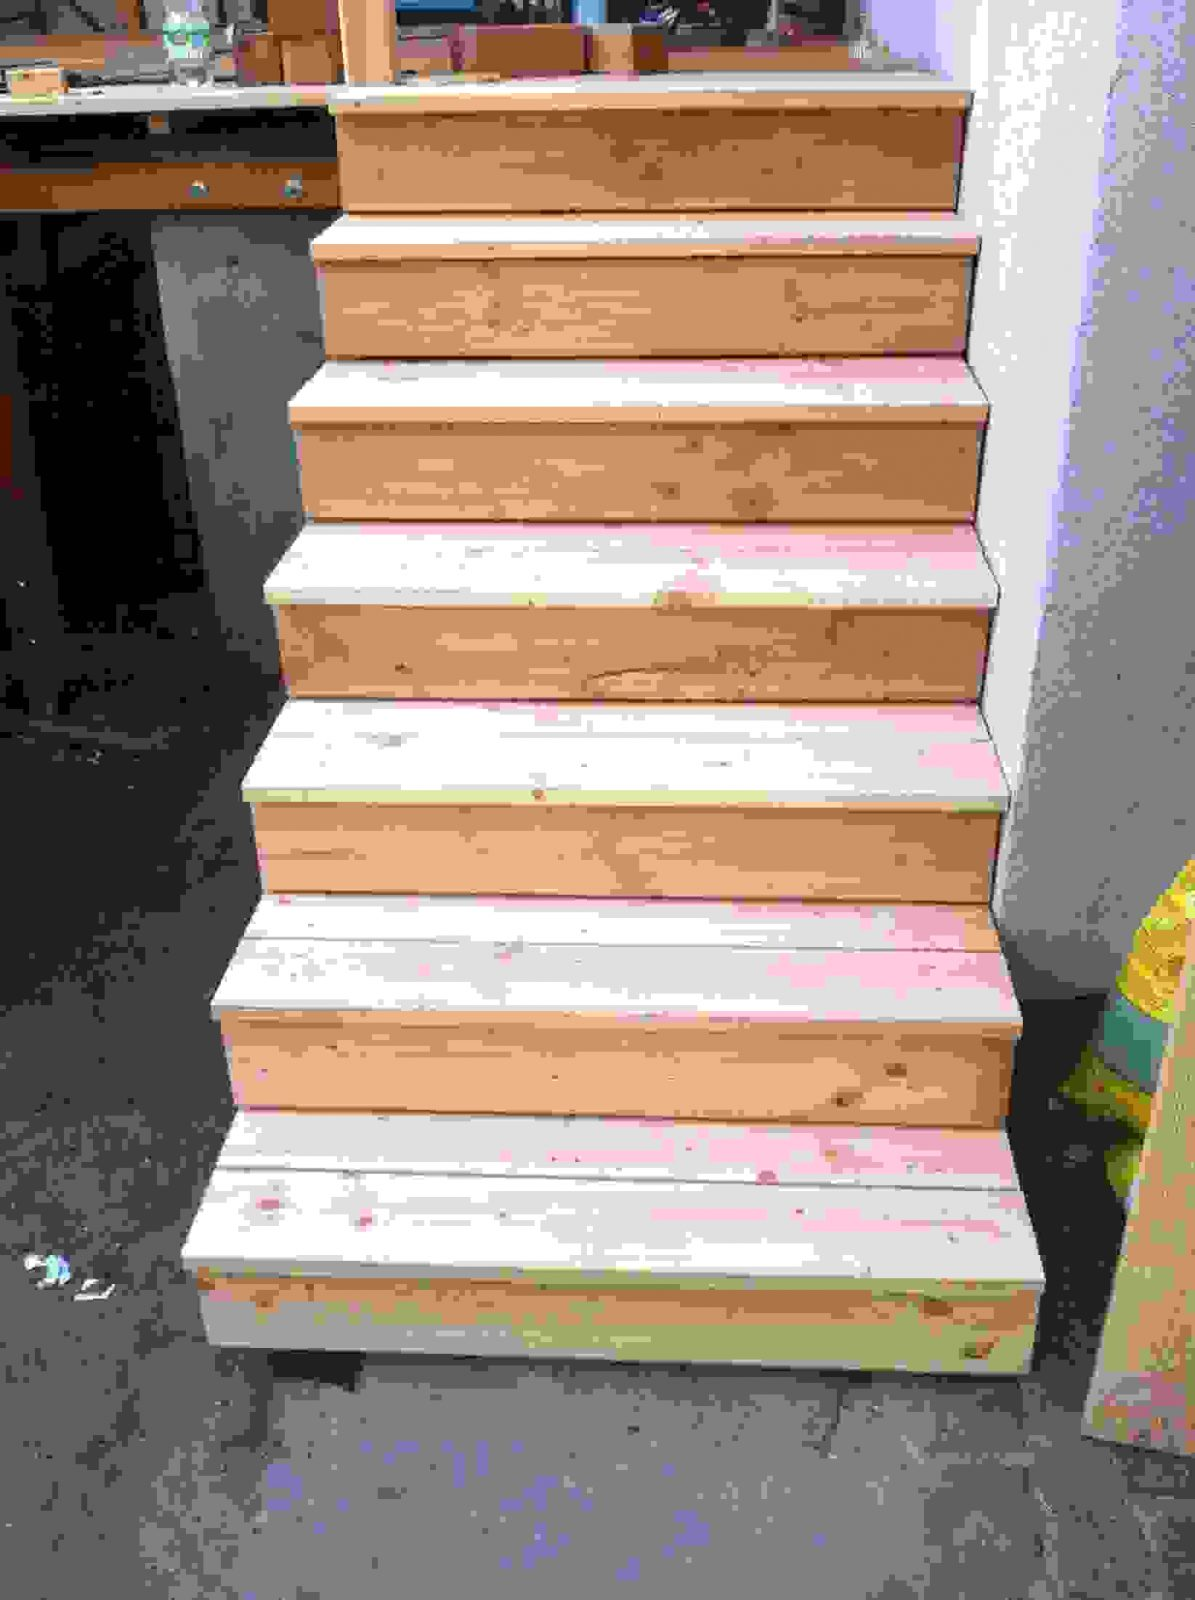 fenstersicherung selber bauen fenster plexiglas schiebet ren obi von